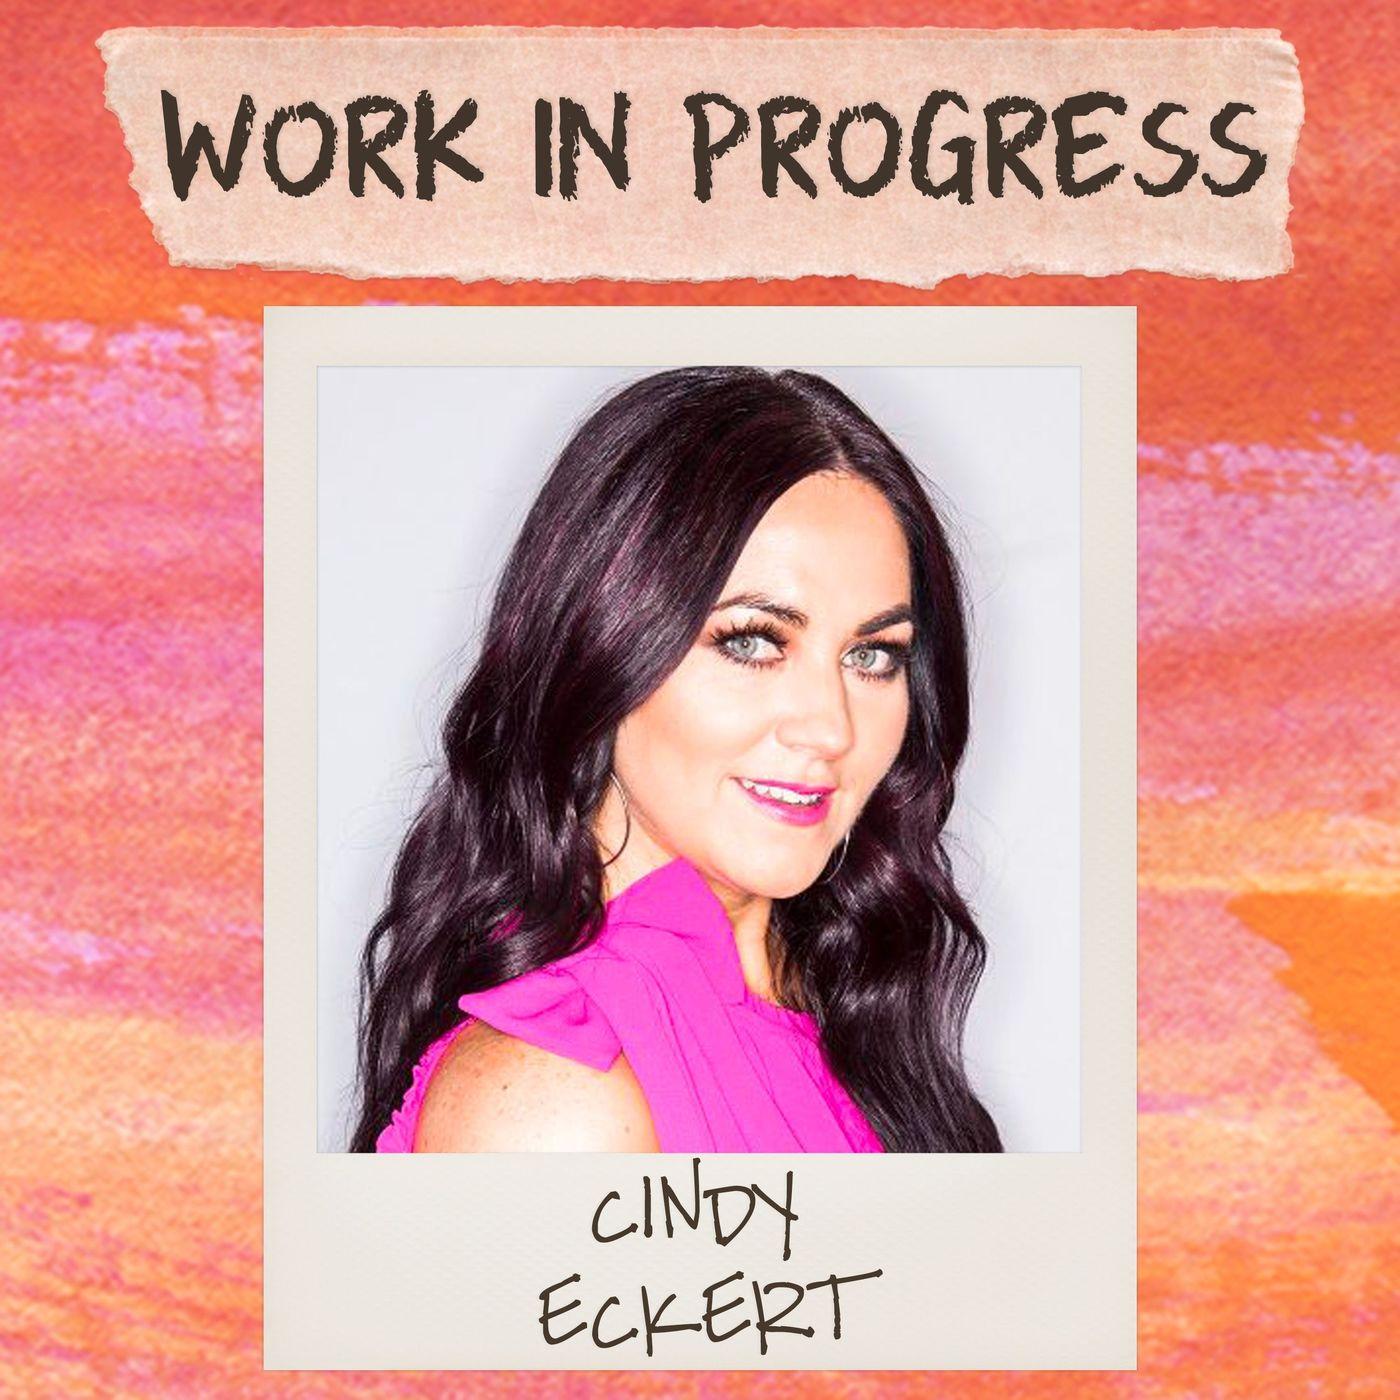 Cindy Eckert